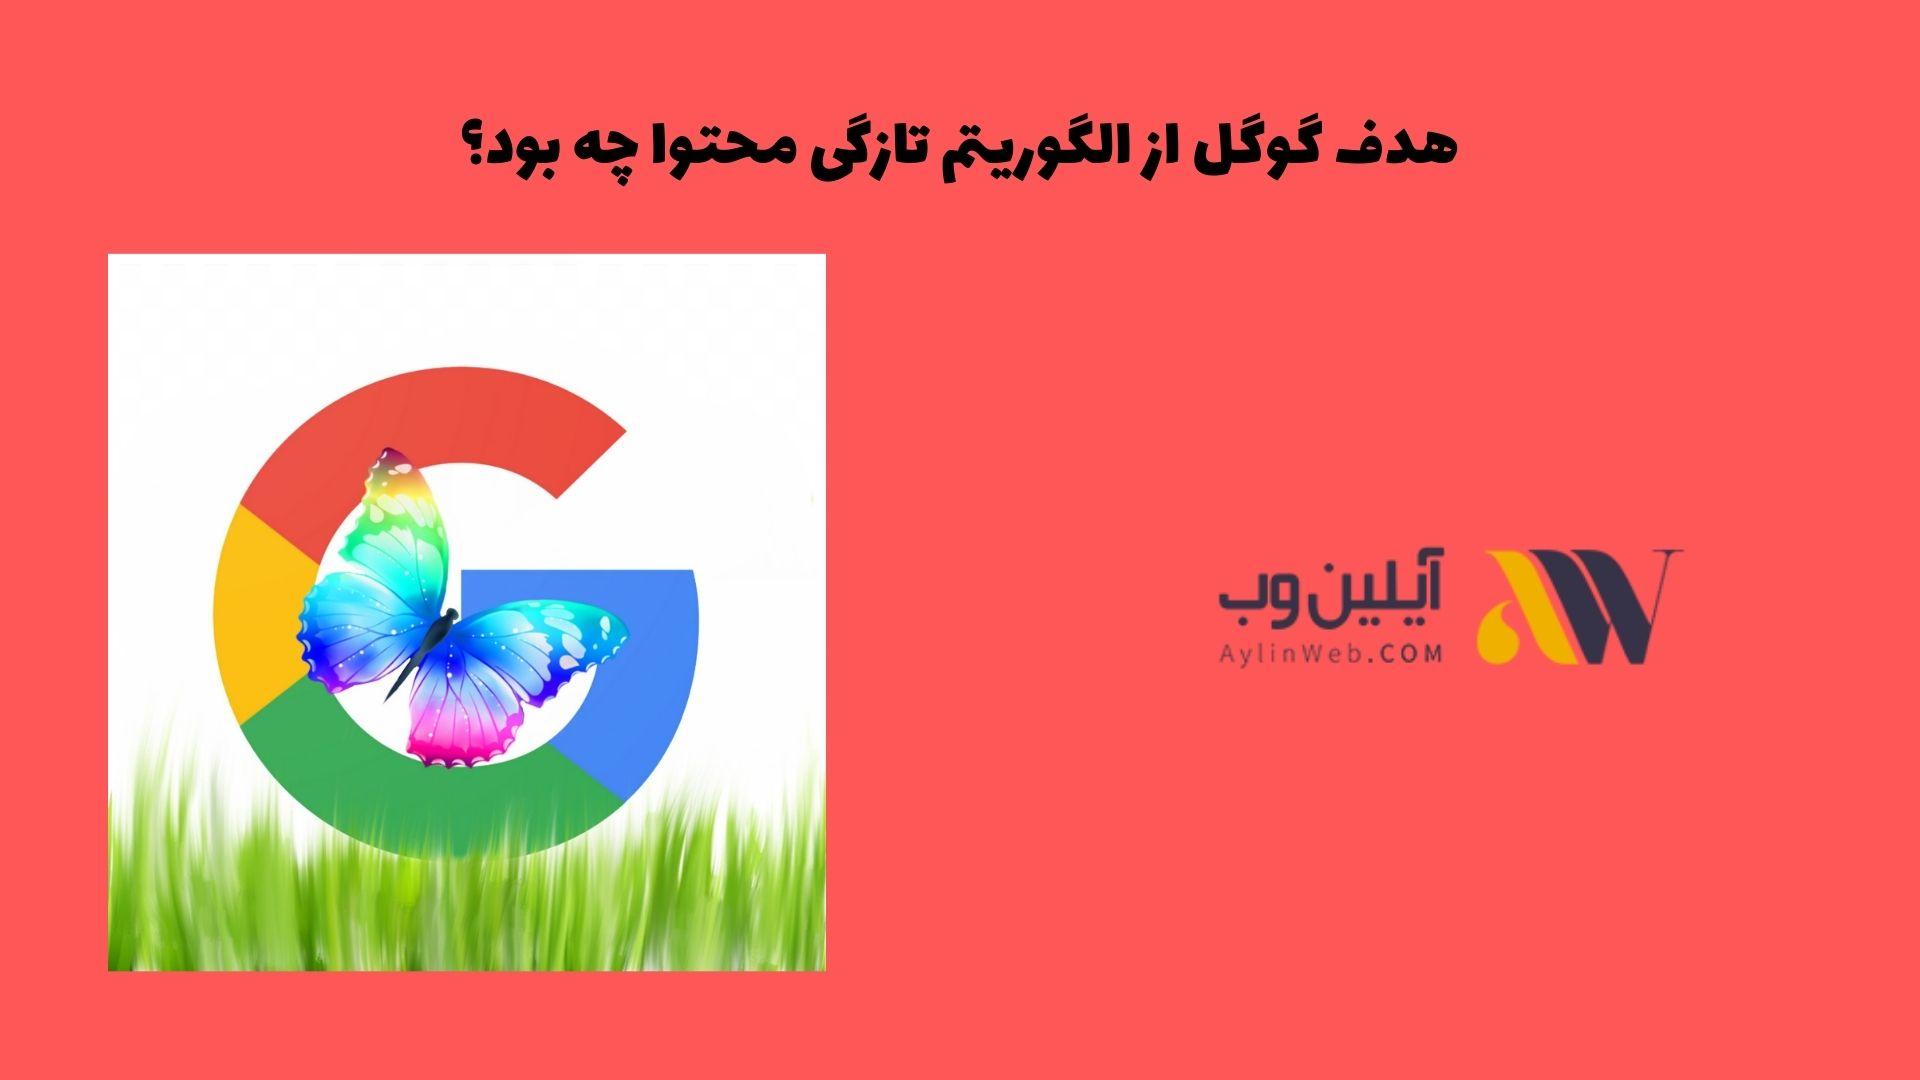 هدف گوگل از الگوریتم تازگی محتوا چه بود؟